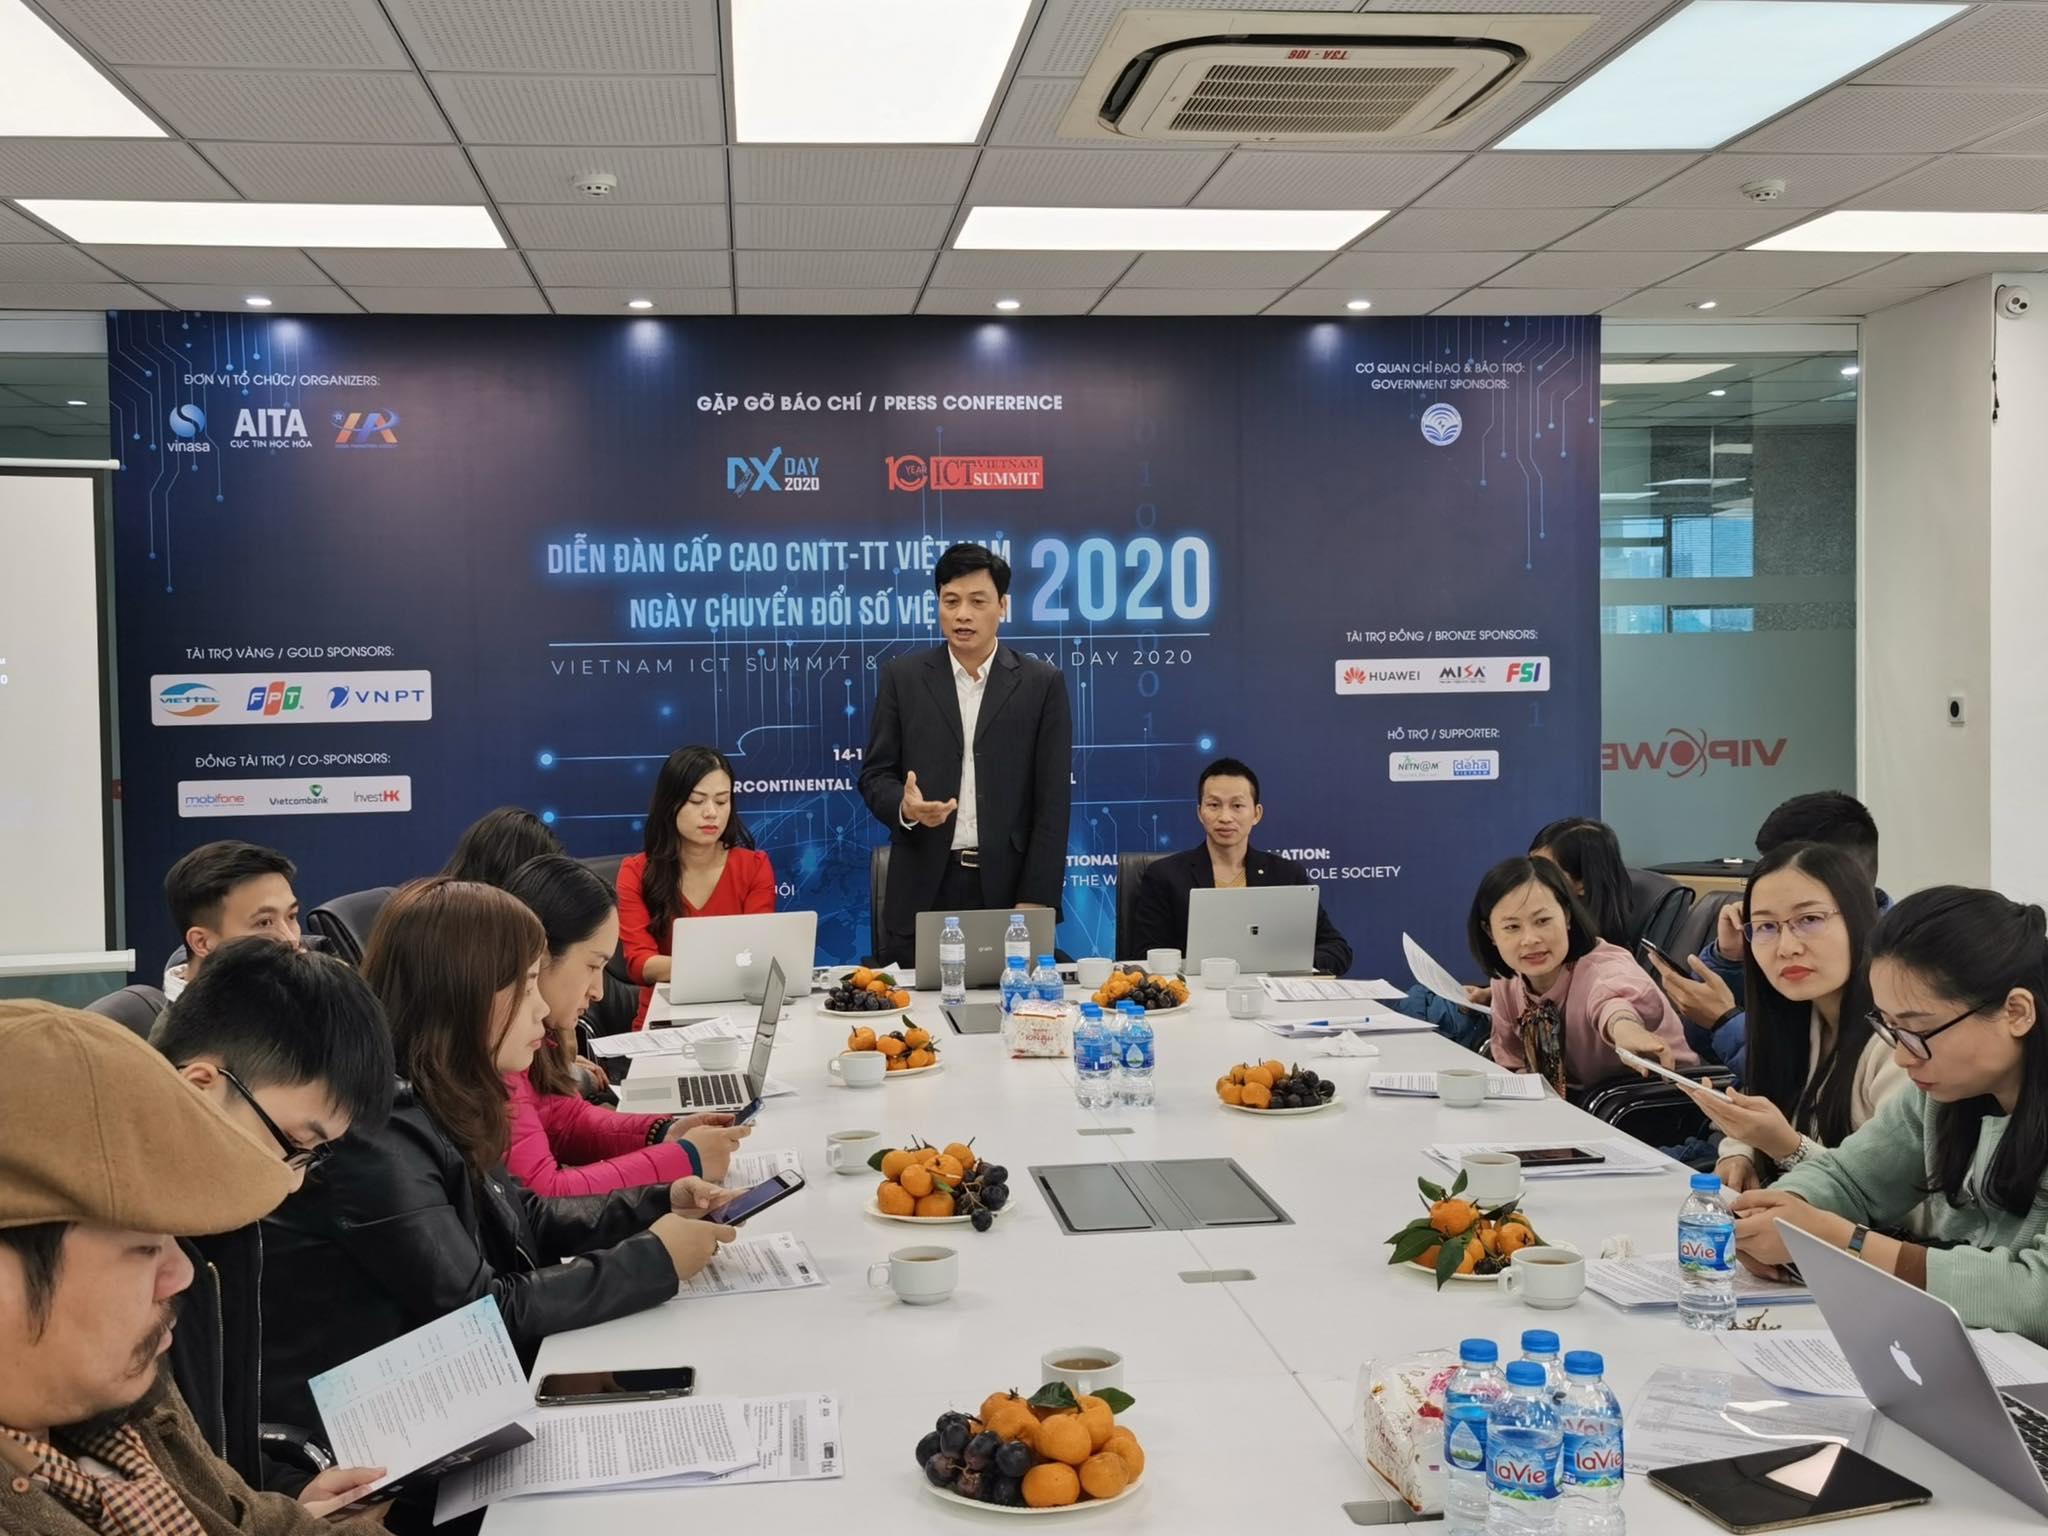 """Ngày chuyển đổi số Việt Nam 2020 do VINASA, Cục Tin học hóa (Bộ TT&TT) và Trung tâm Xúc tiến đầu tư, thương mại Du lịch thành phố Hà Nội phối hợp tổ chức với chủ đề """"Chuyển đổi số quốc gia: Đổi mới phương thức vận hành toàn xã hội"""""""